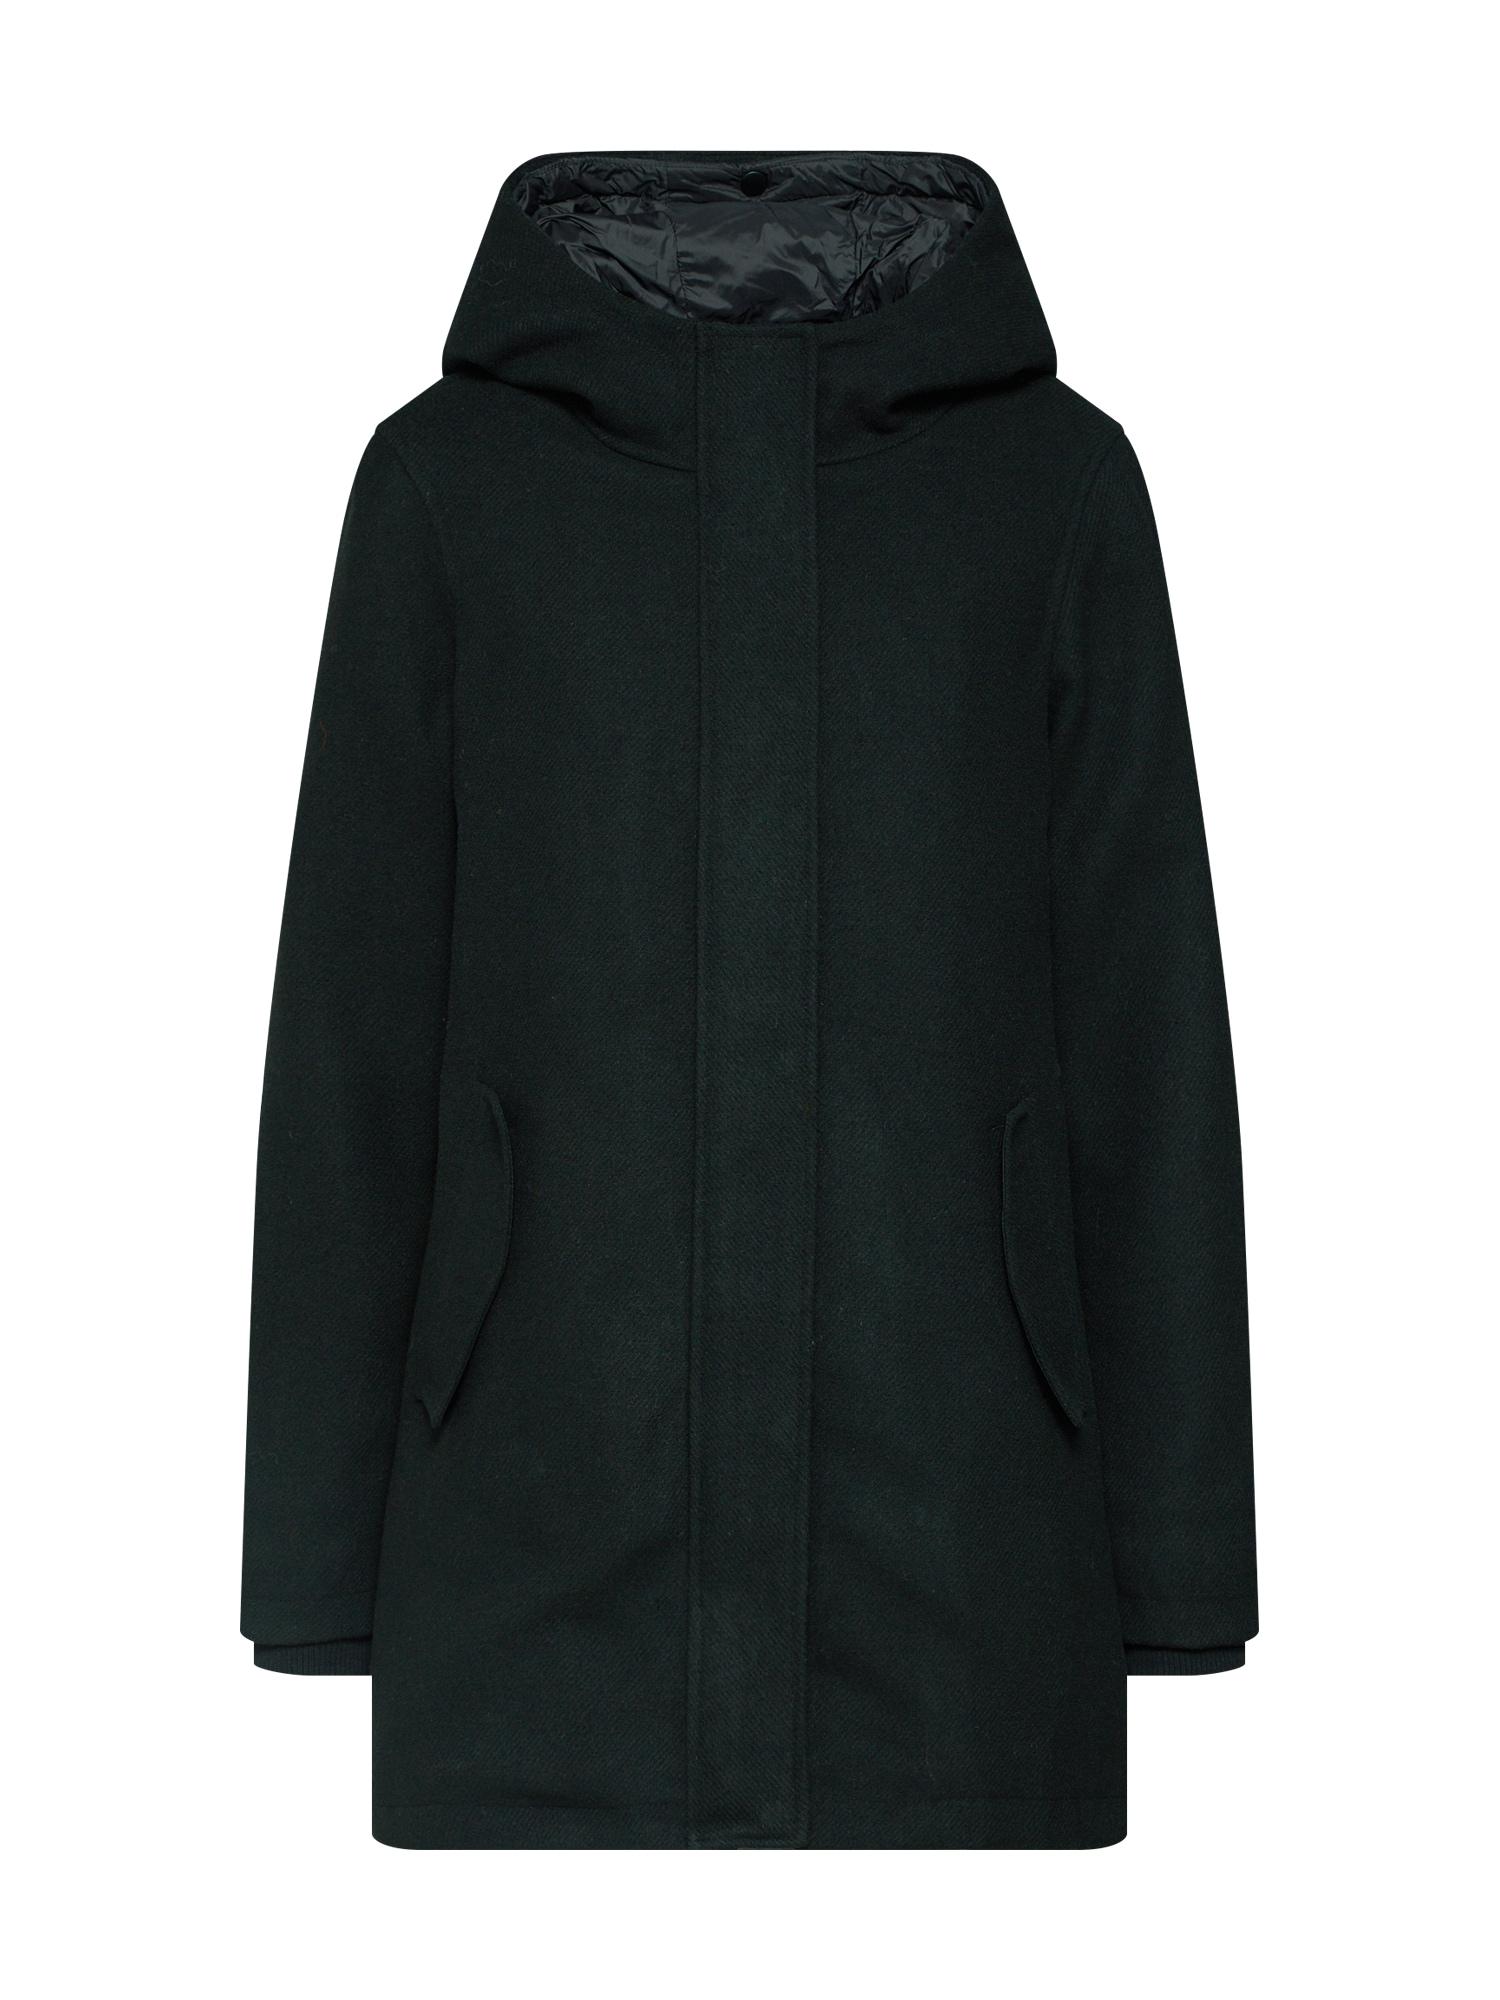 Zimní kabát TWO IN ONE černá Review